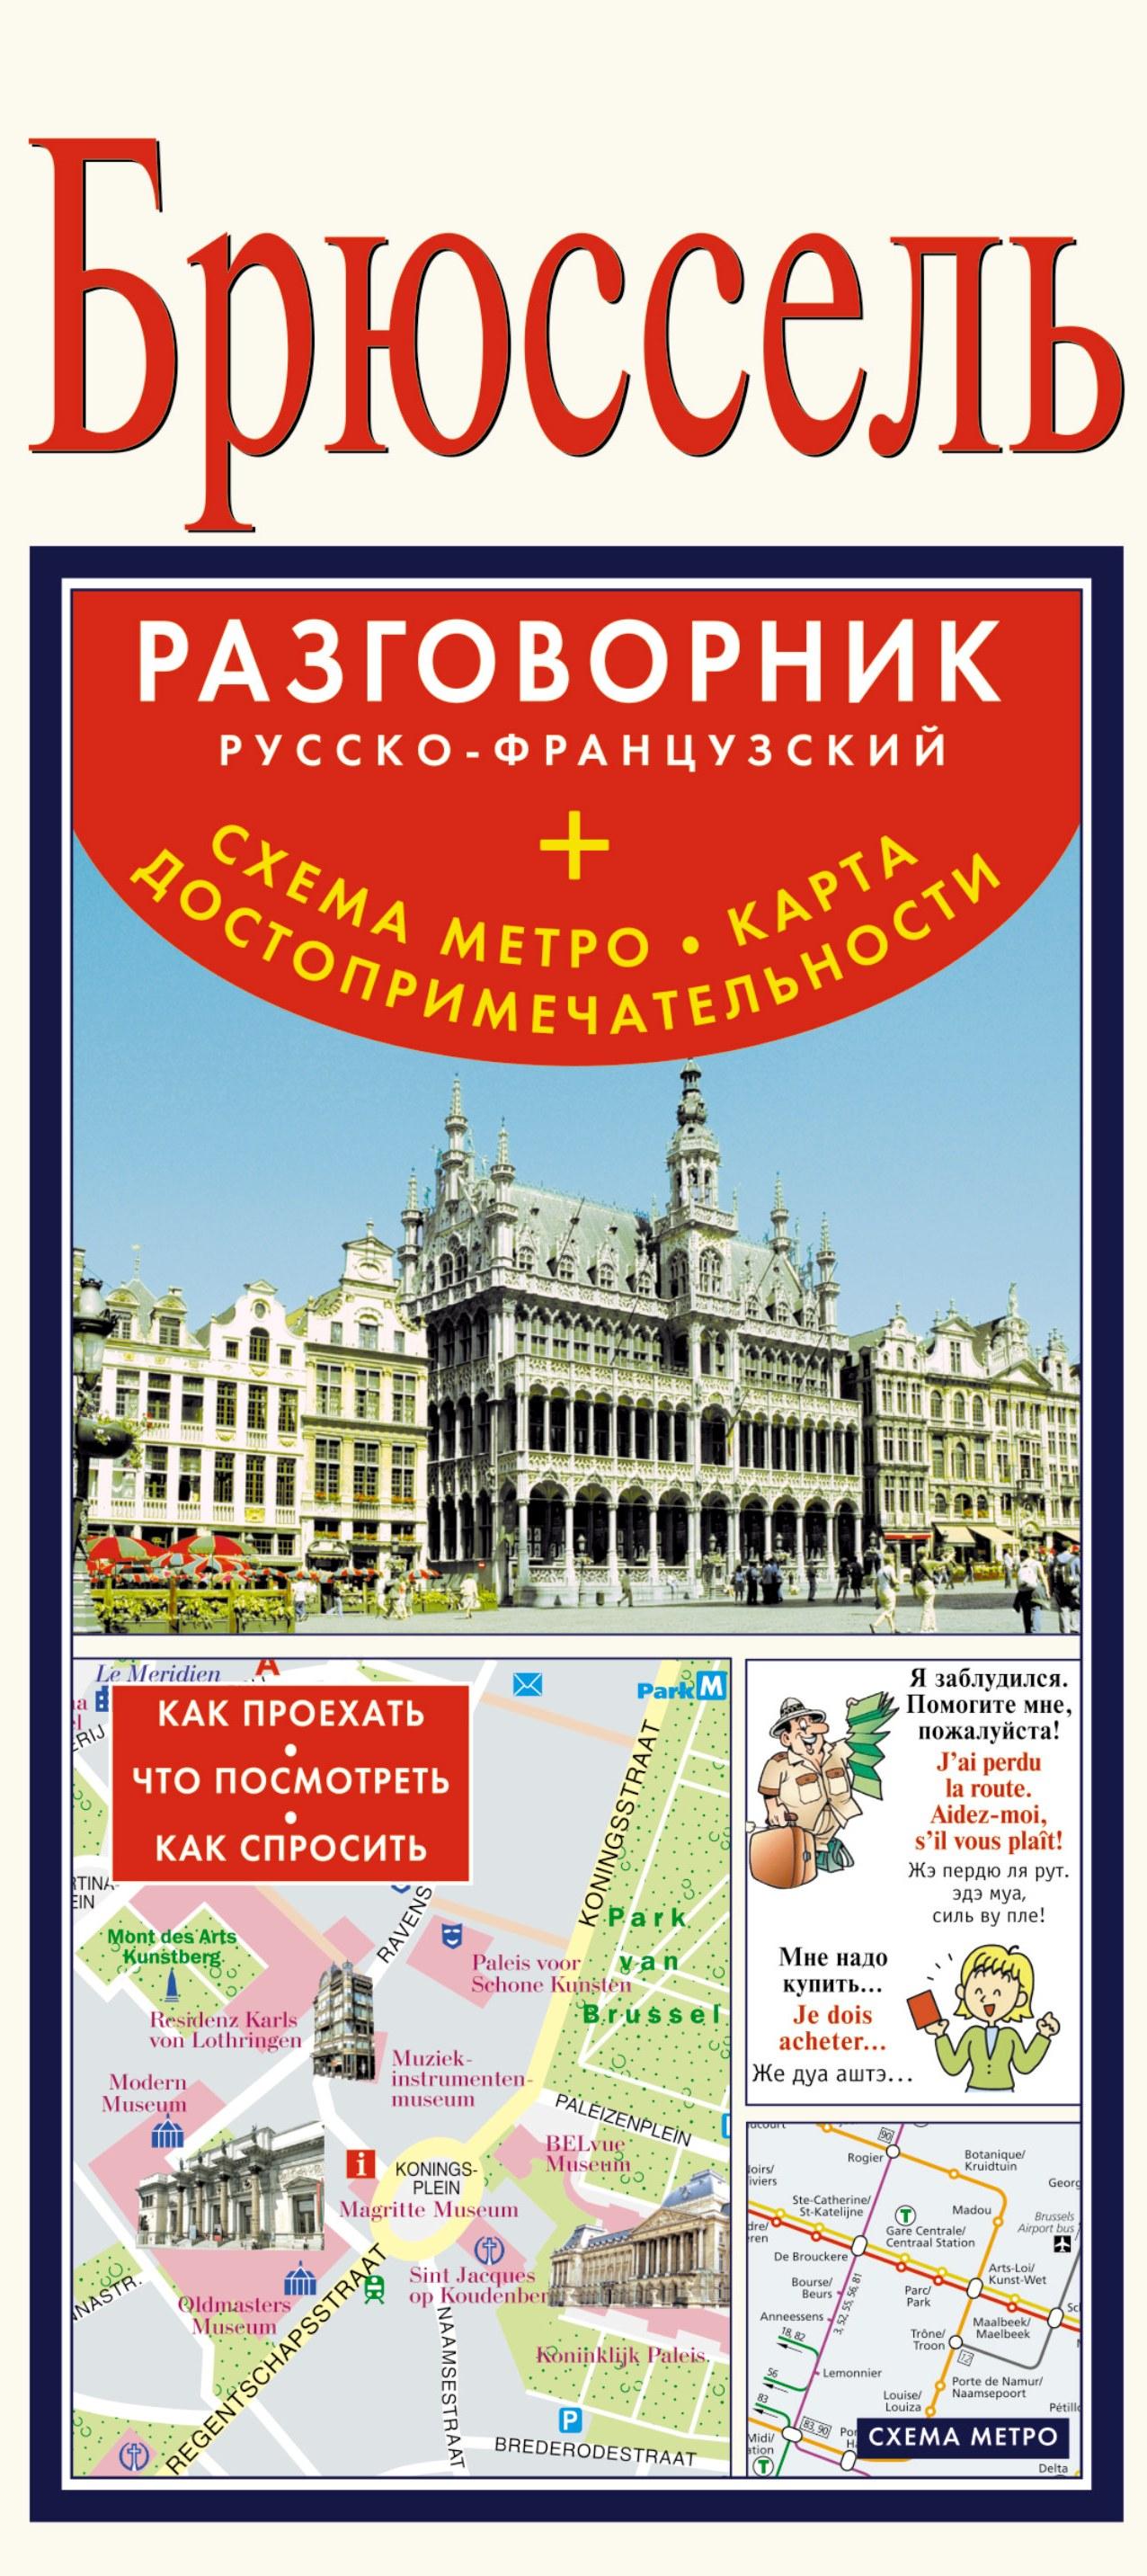 . Брюссель. Русско-французский разговорник + схема метро, карта, достопримечательности цена и фото